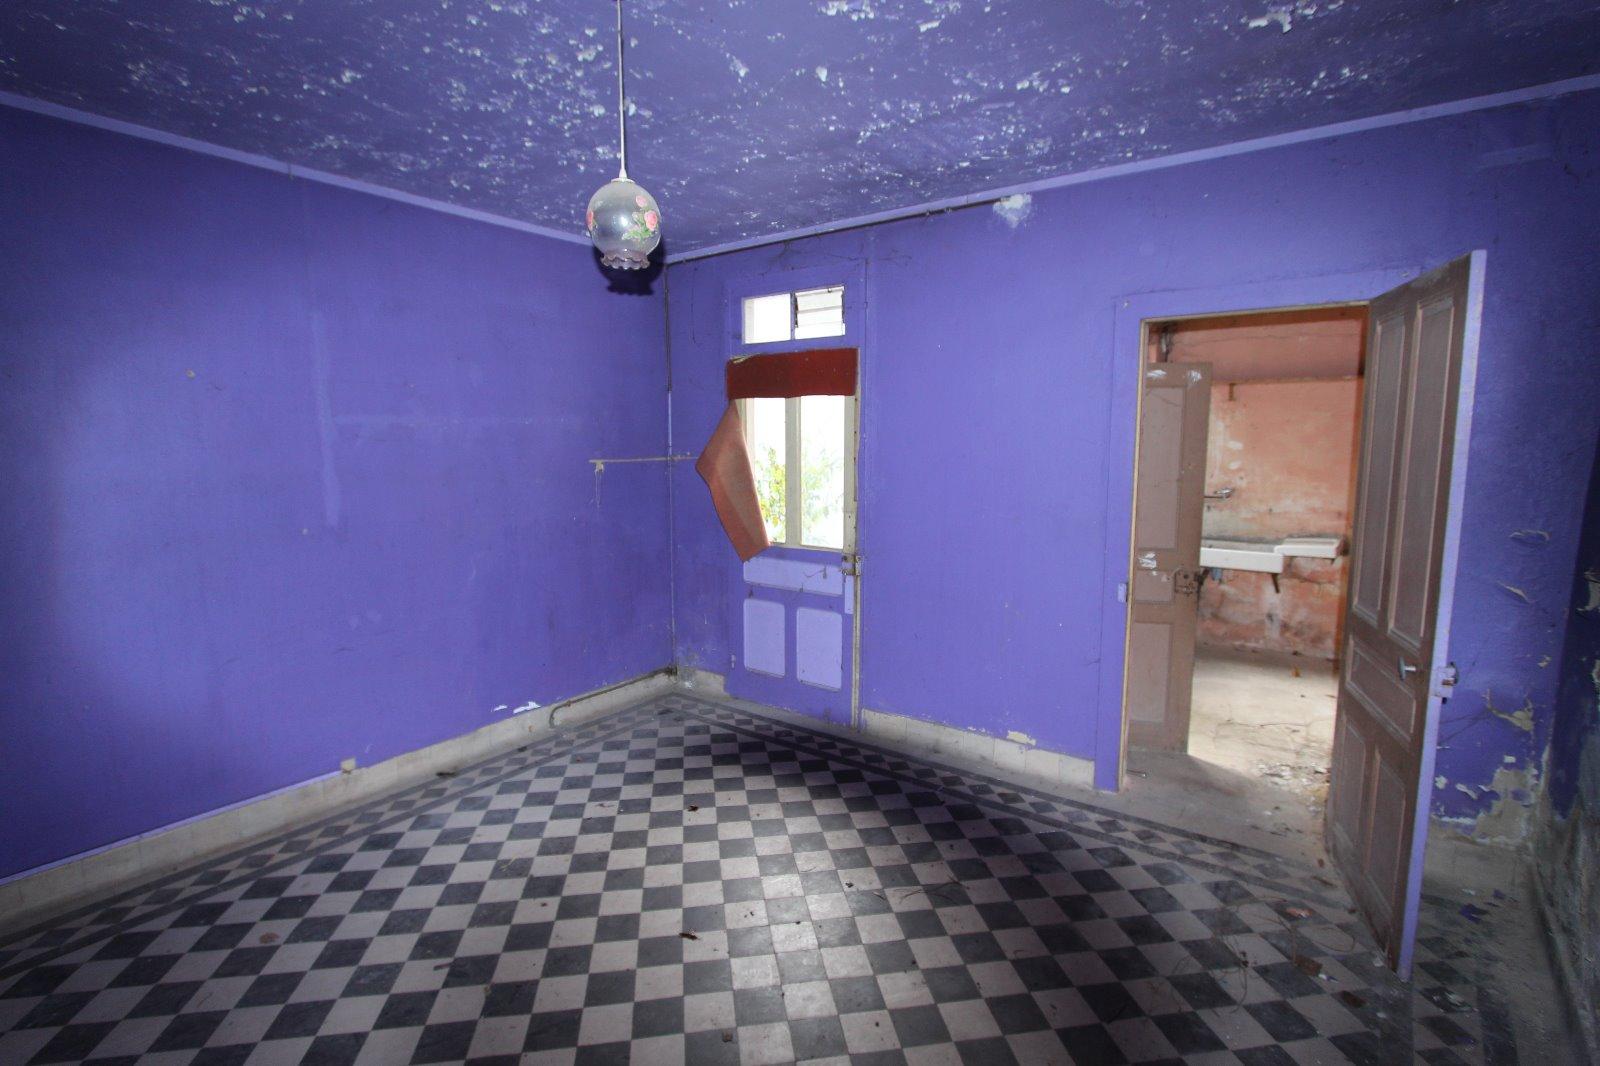 beaurepaire en bresse sa ne et loire vendre ensemble immobilier d 39 environ 300 m 3d immobilier. Black Bedroom Furniture Sets. Home Design Ideas